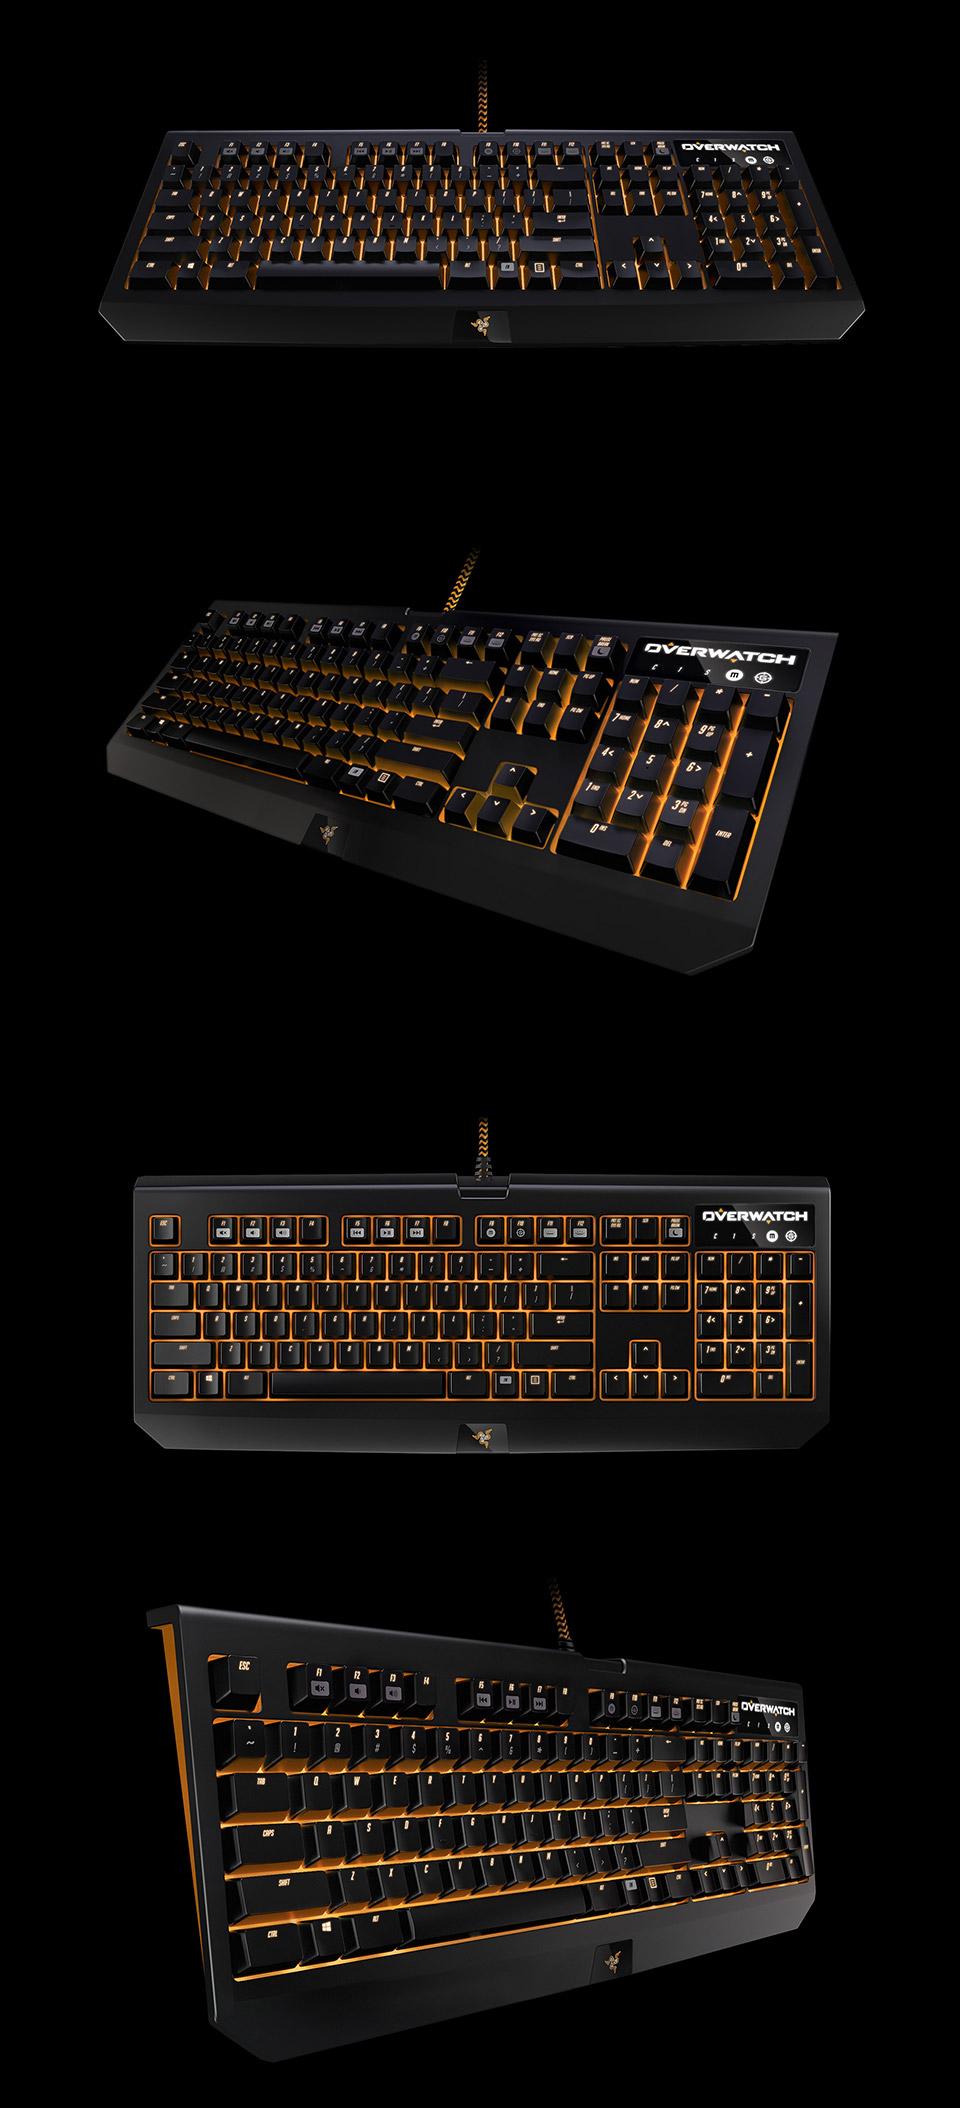 Razer BlackWidow Chroma RGB Gaming Keyboard Overwatch Edition [RZ03